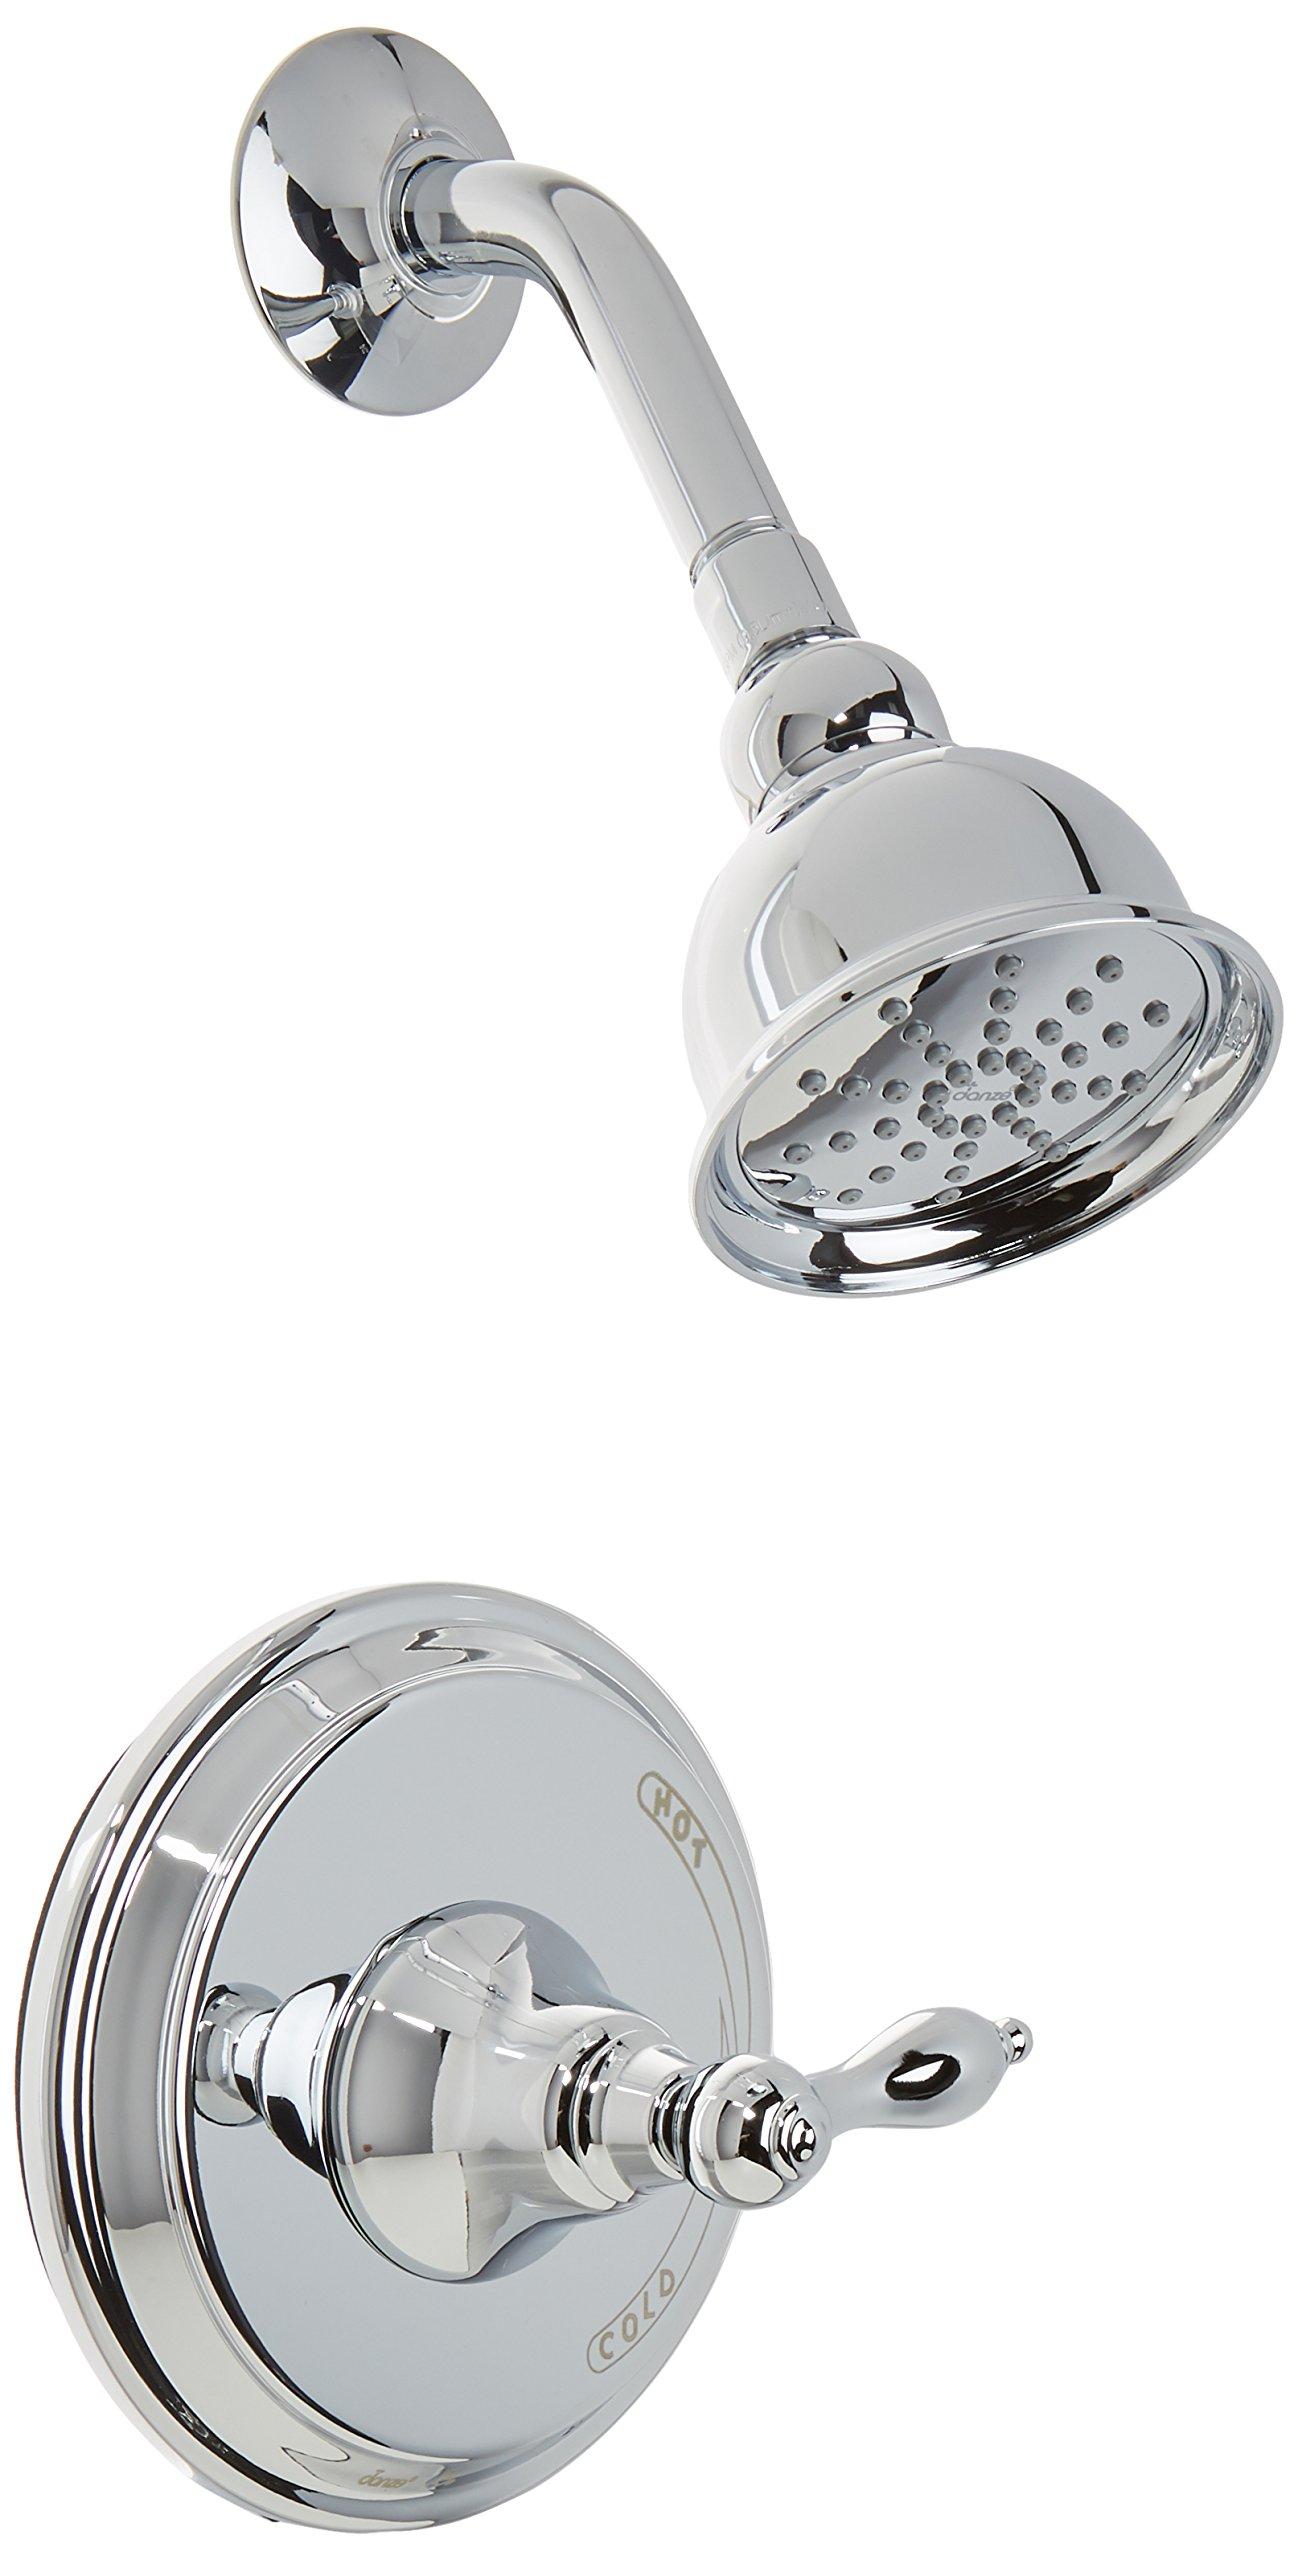 Danze D500540T Fairmont Single Handle Shower Trim Kit, 2.5 GPM, Valve Not Included, Chrome by Danze (Image #1)